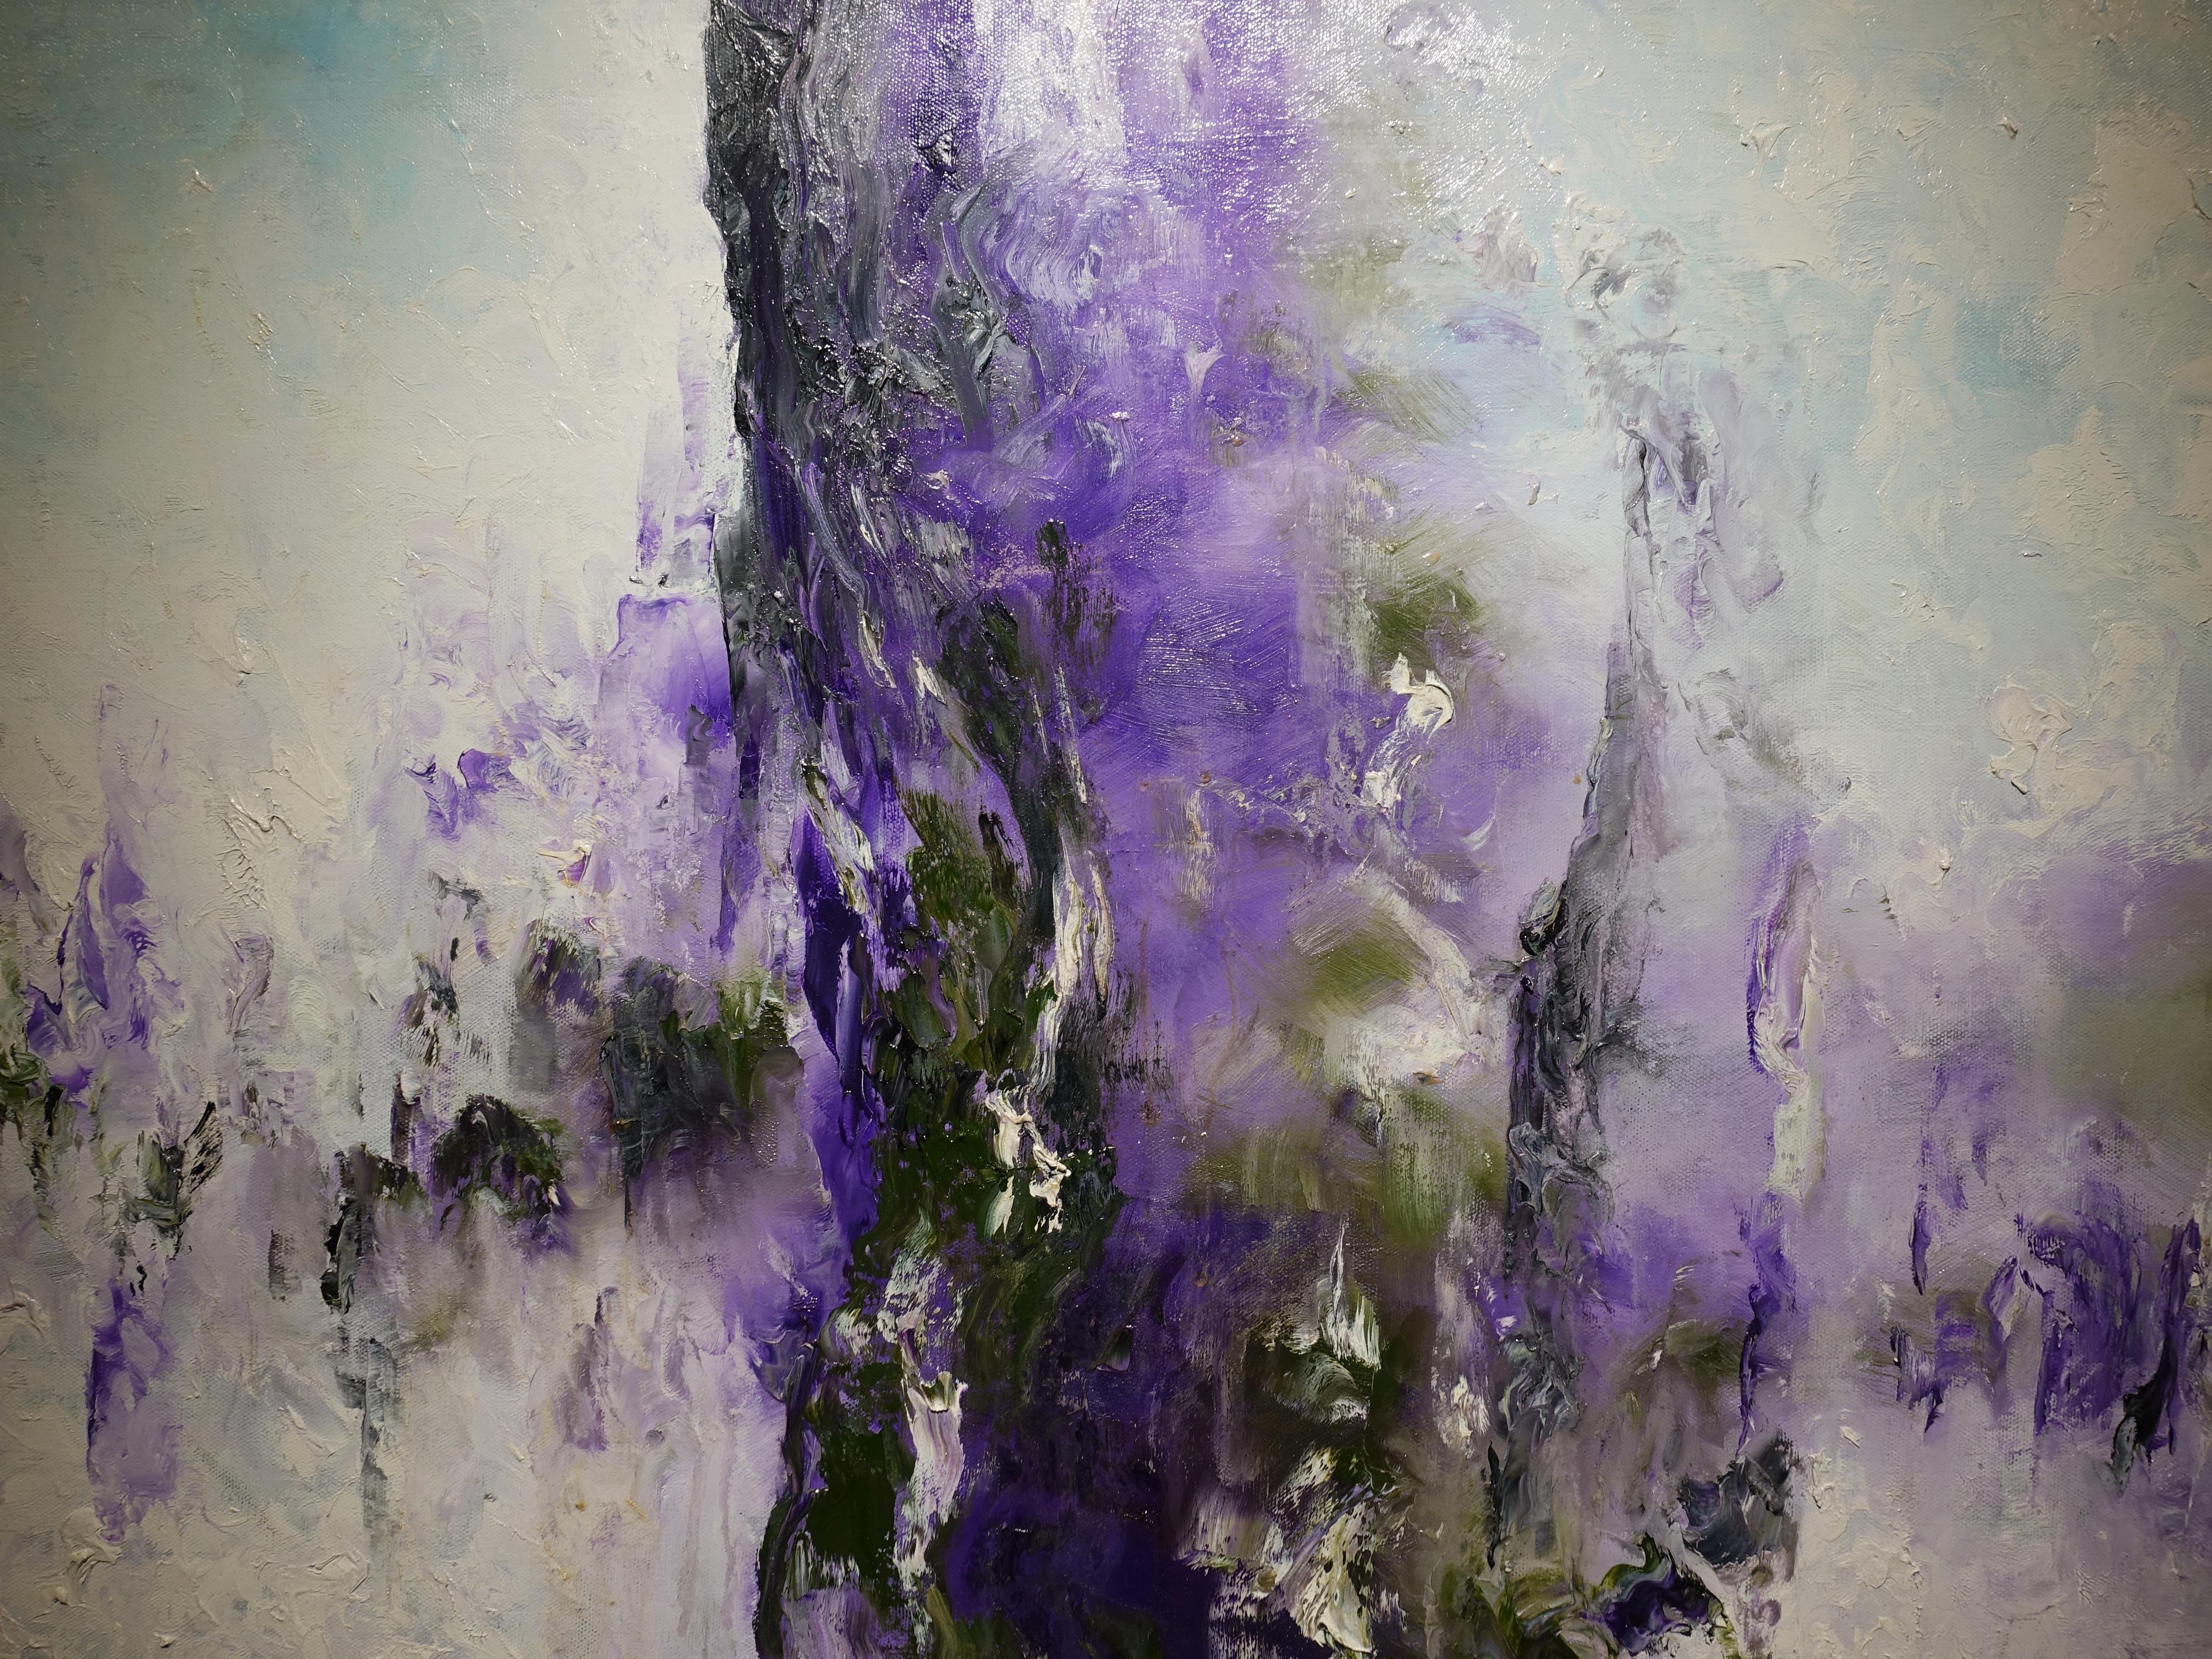 陳玉庭,《日照香爐生紫煙》細節,72x91cm,油畫畫布,2013。